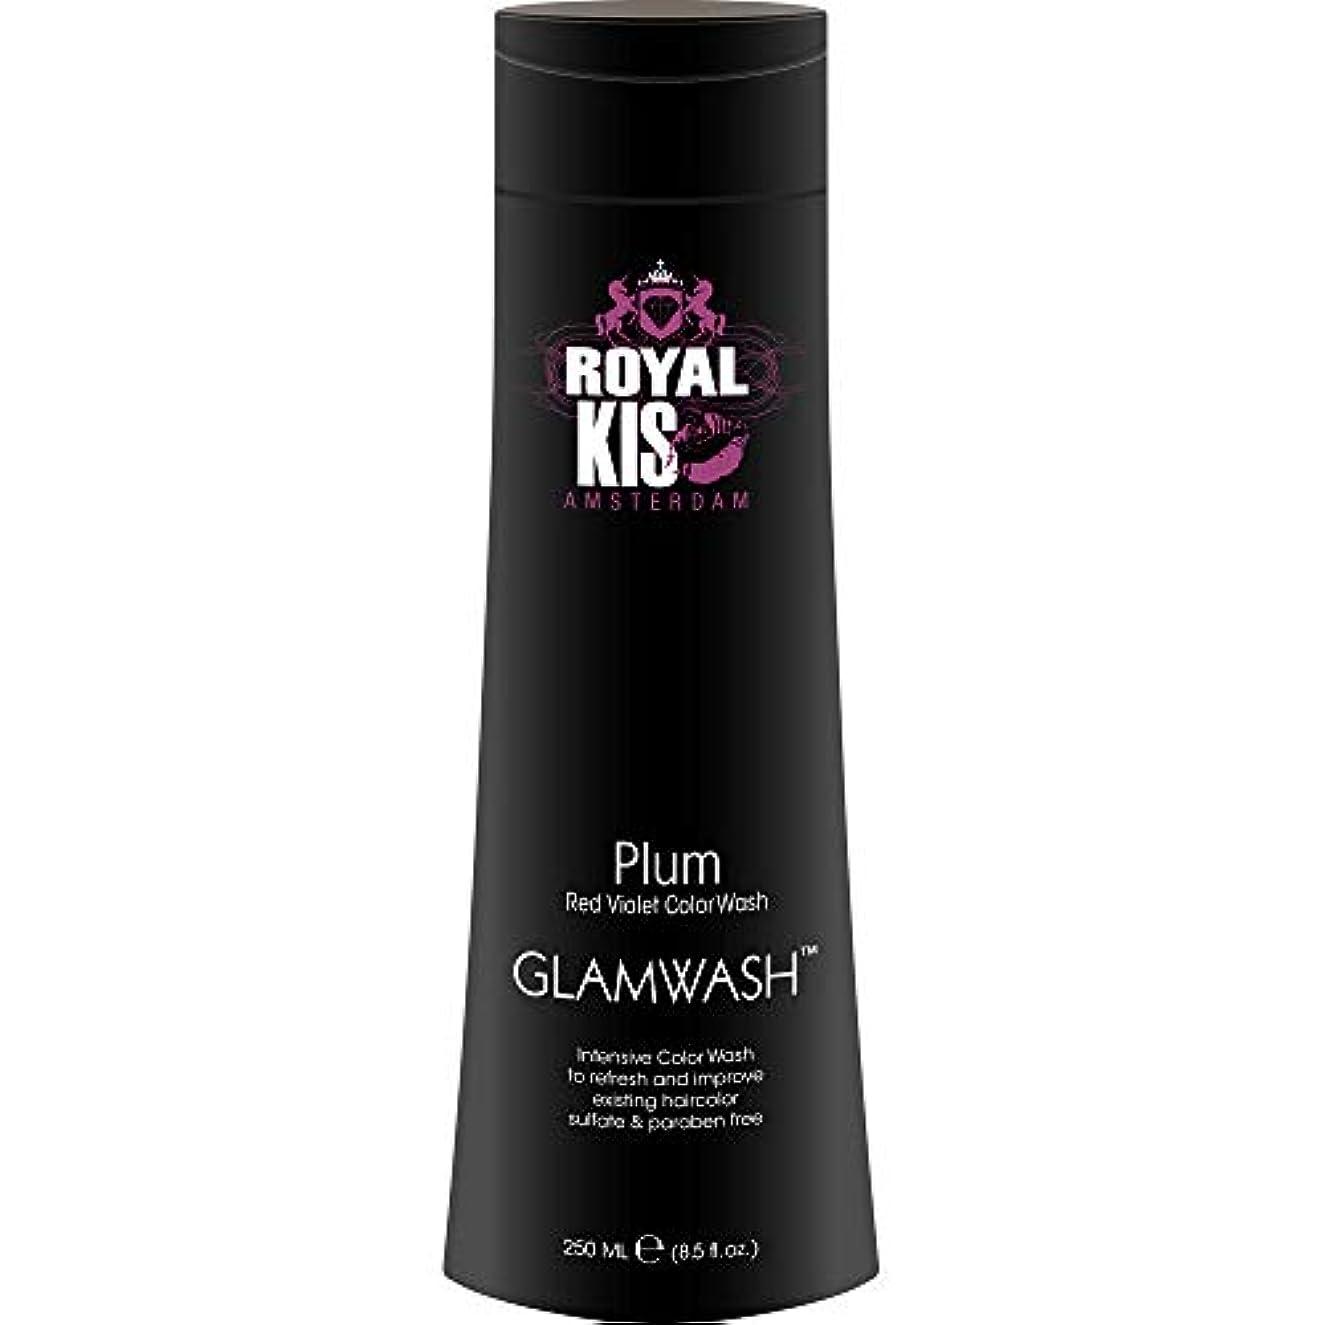 信じる導体役立つKappers Kis GlamWashプラム(赤紫)-250ml濃色ウォッシュ